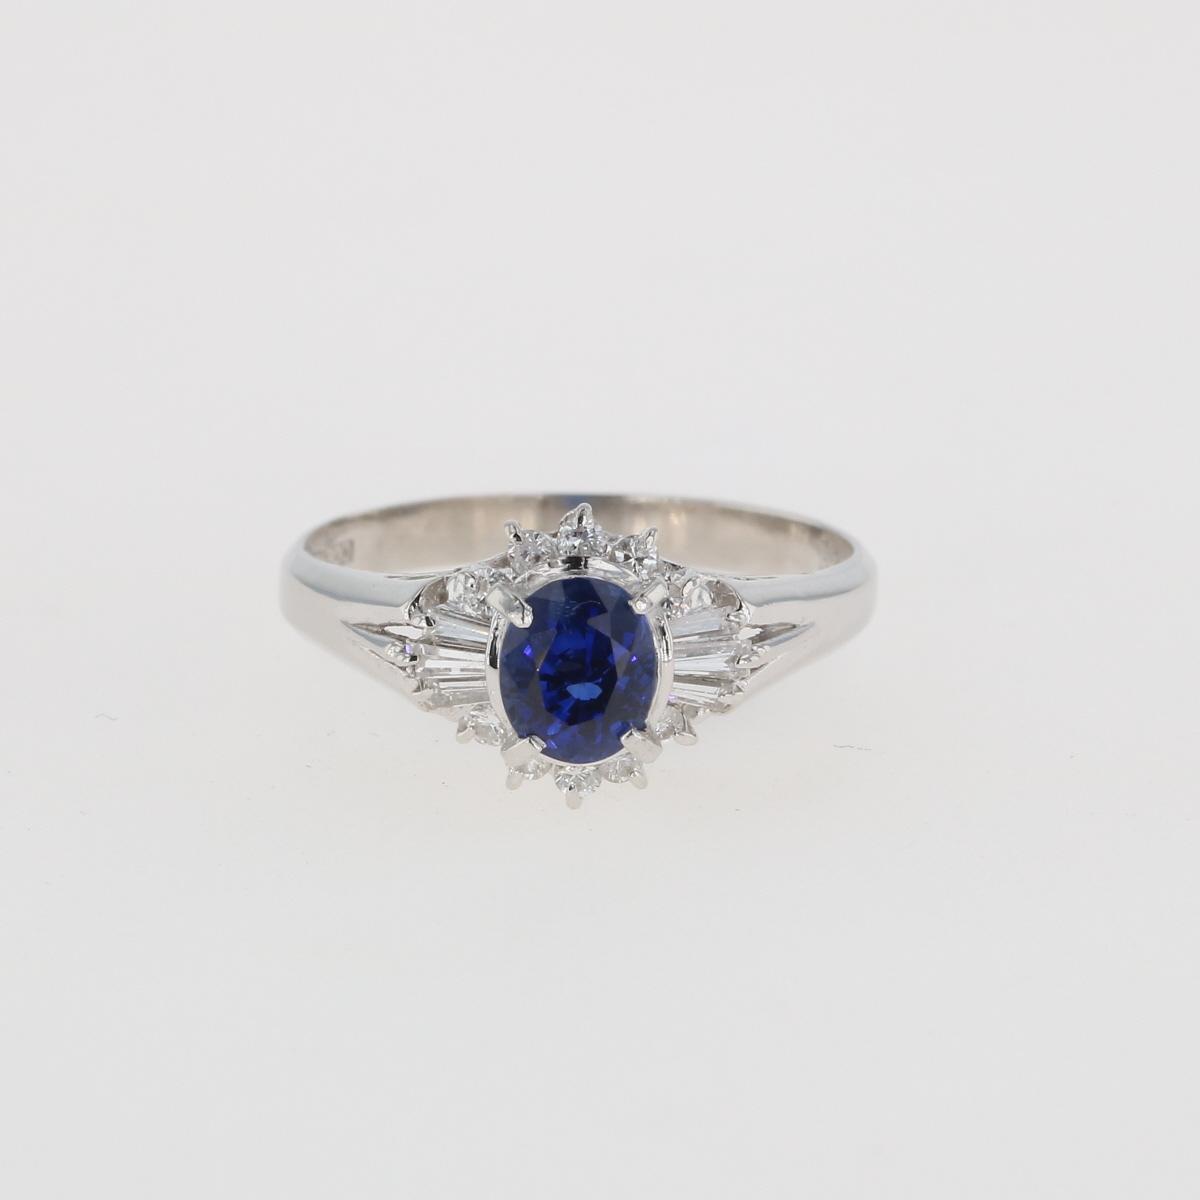 USED 送料無料 サファイア デザインリング プラチナ 指輪 メレダイヤ 年間定番 10号 ダイヤモンド リング 中古 レディース Pt900 セール 登場から人気沸騰